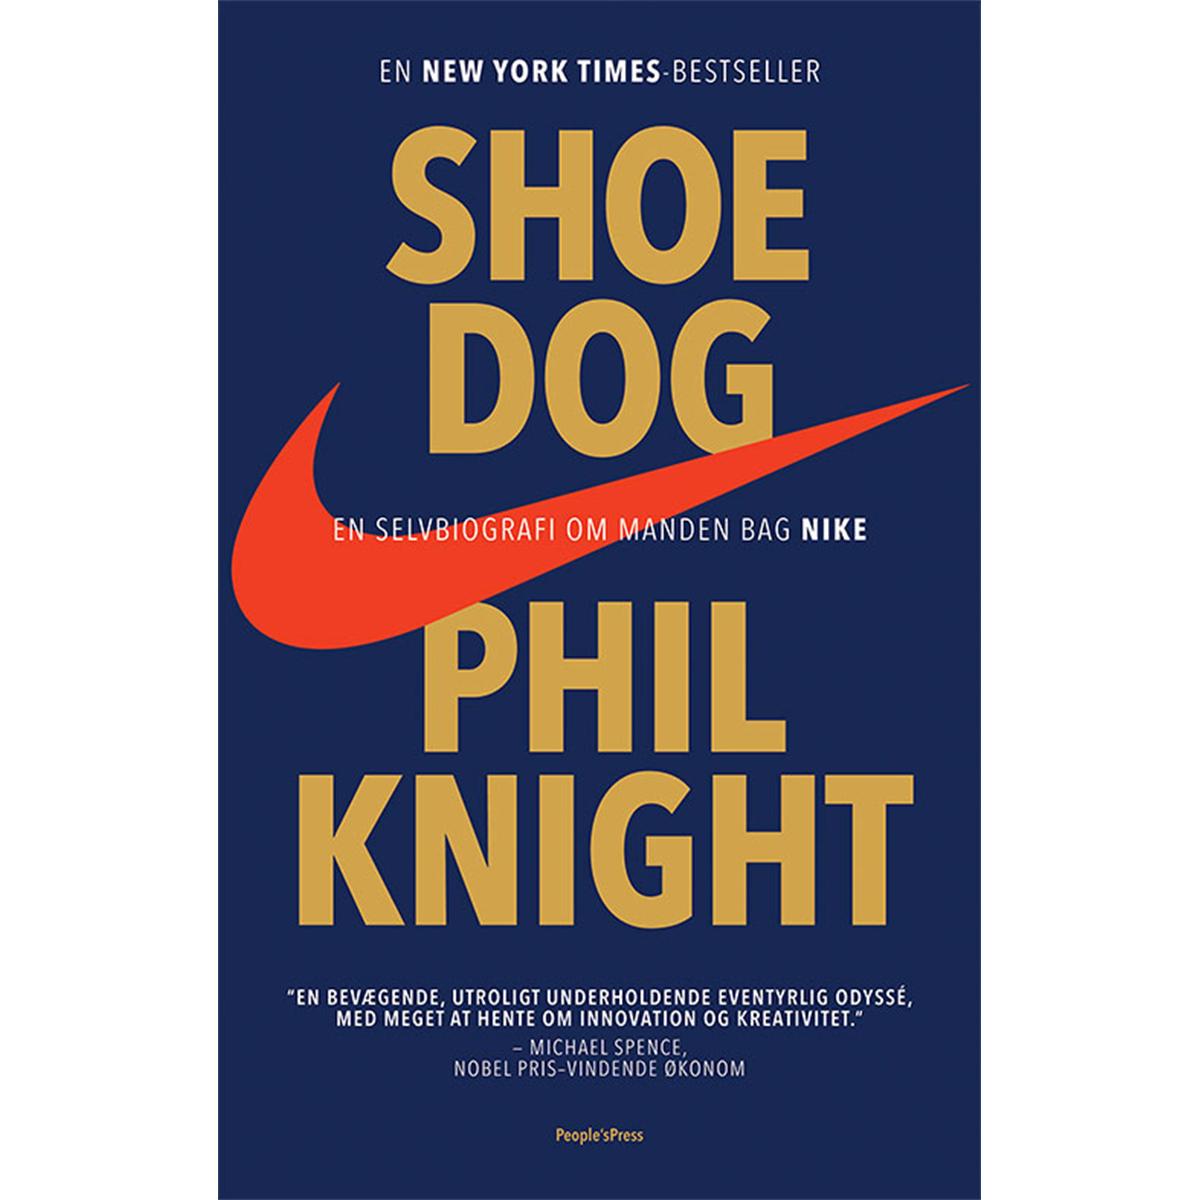 Shoe dog - en selvbiografi om manden bag Nike - Indbundet